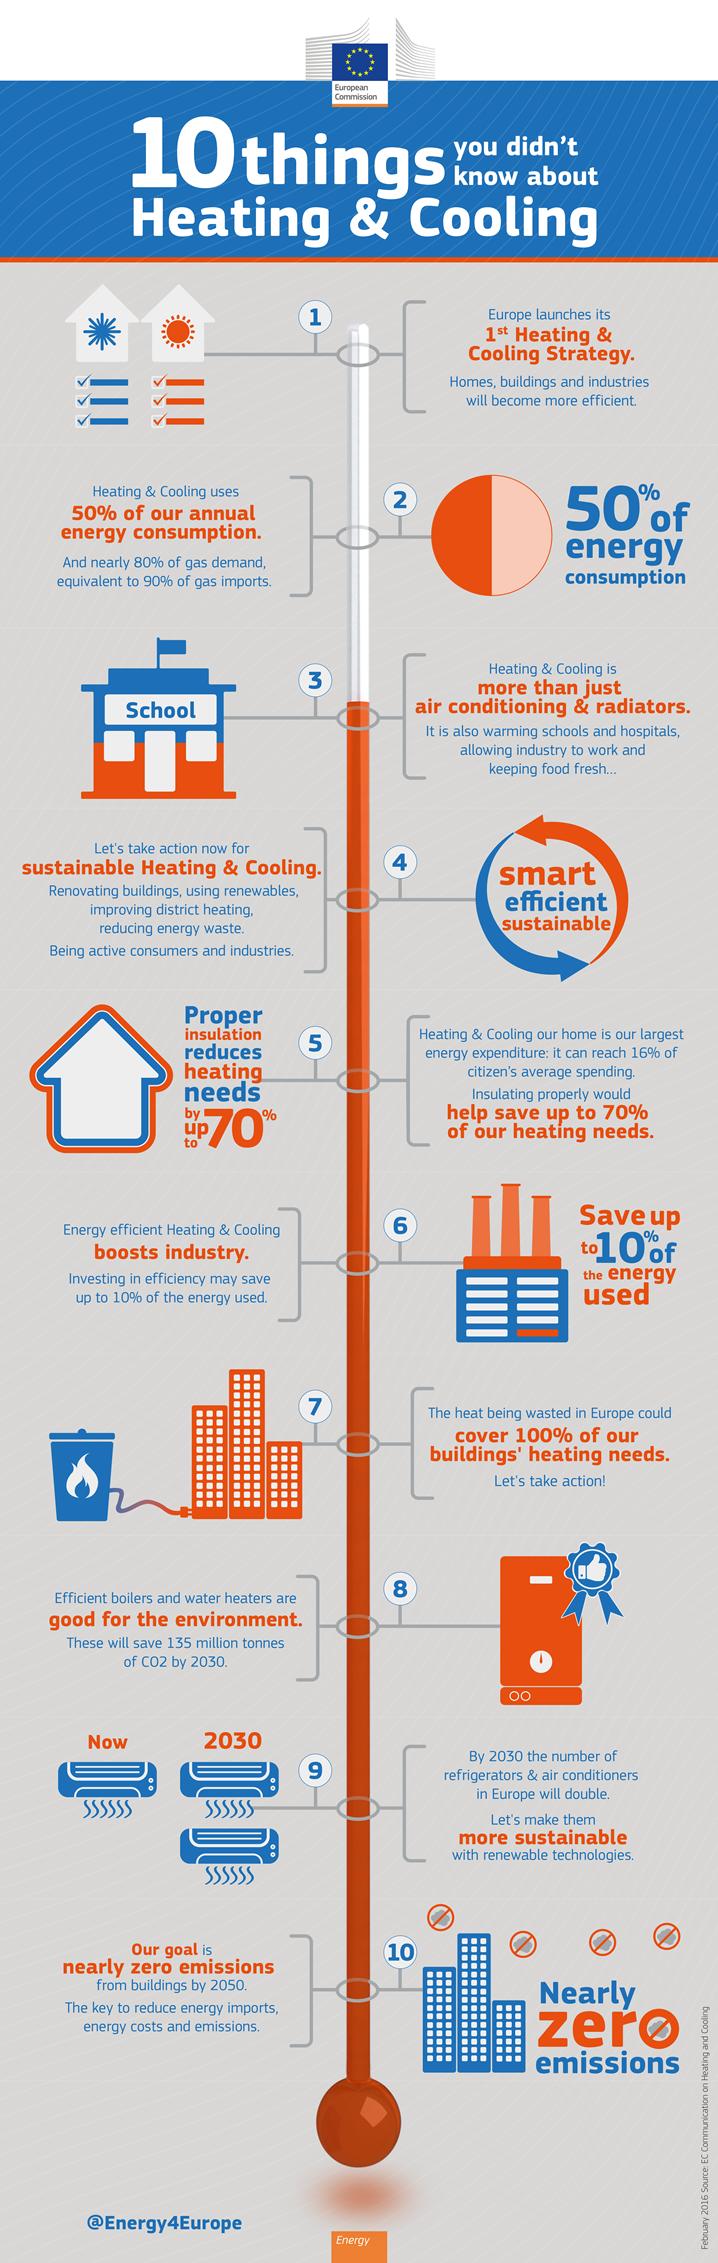 dg_energy_infographic